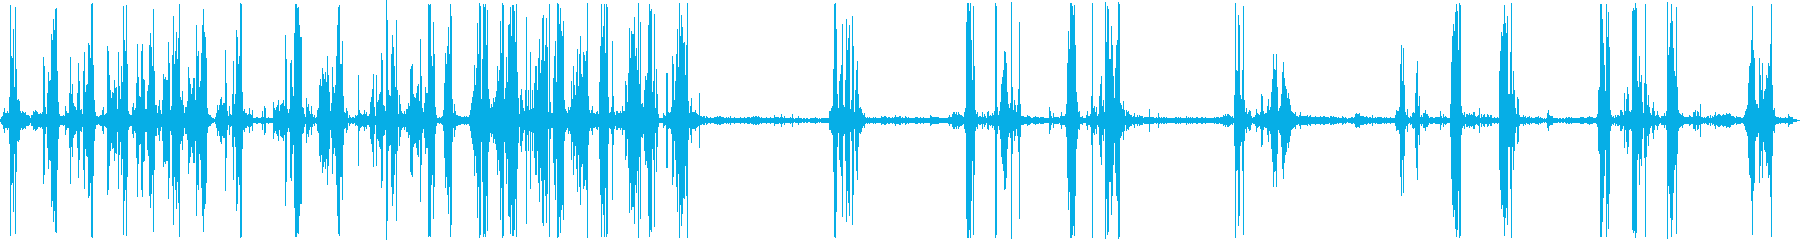 トイレボートフラッシュバブルグルの再生済みの波形